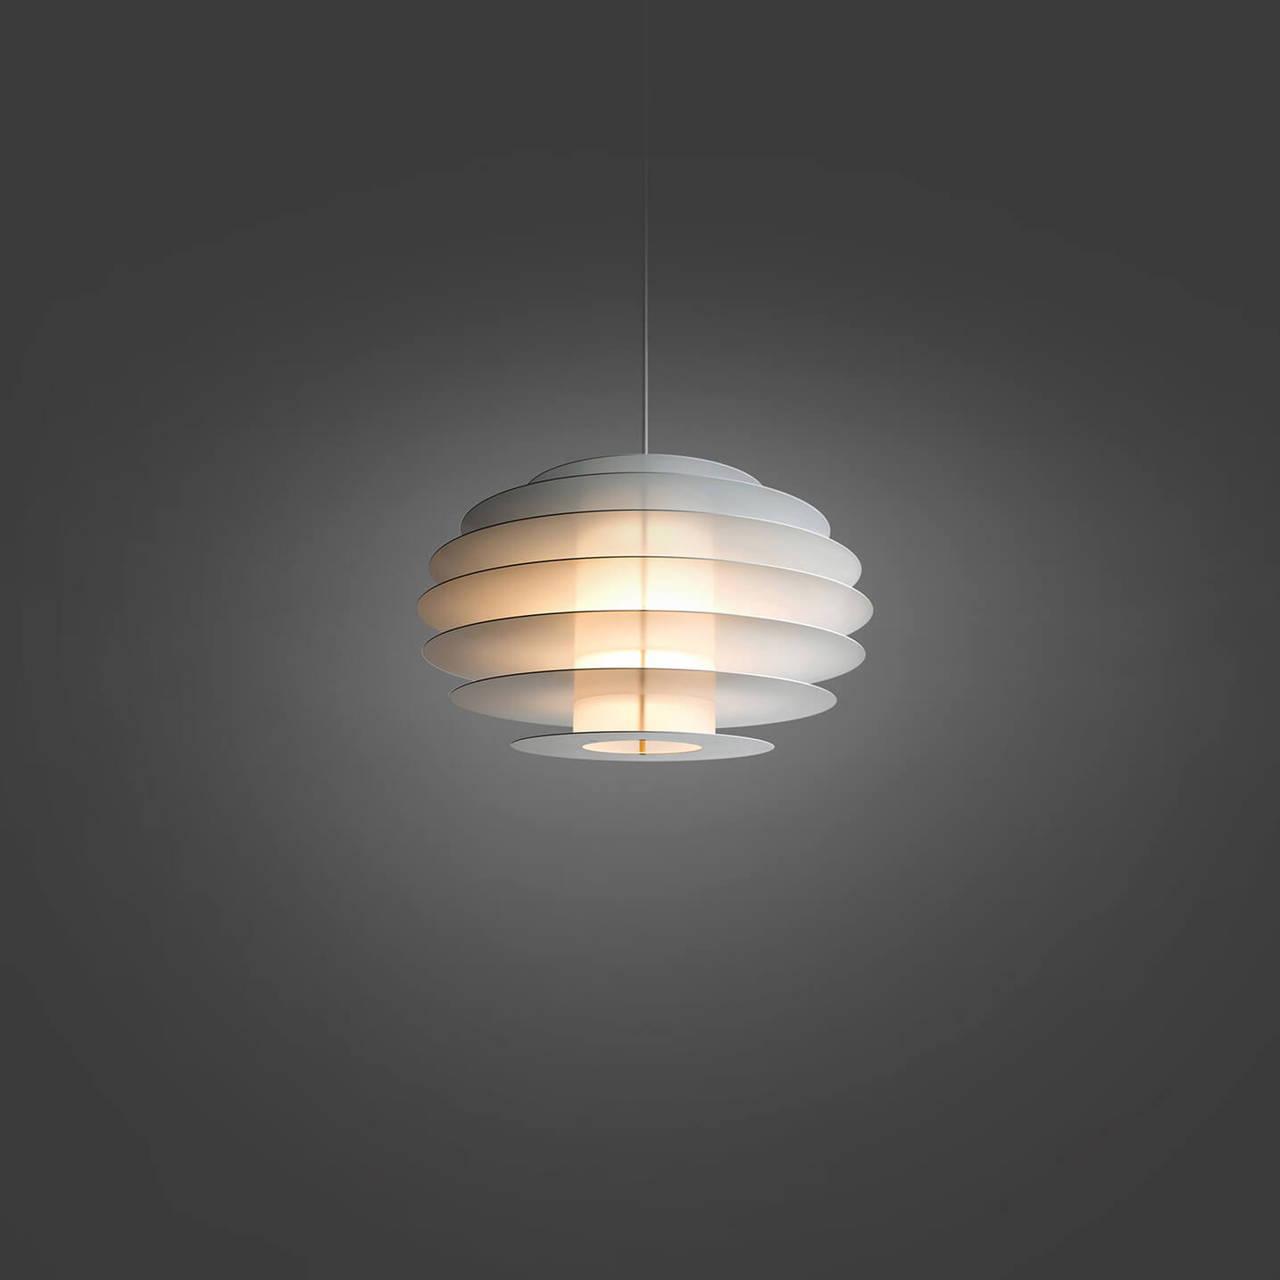 Rota Suspension Lamp